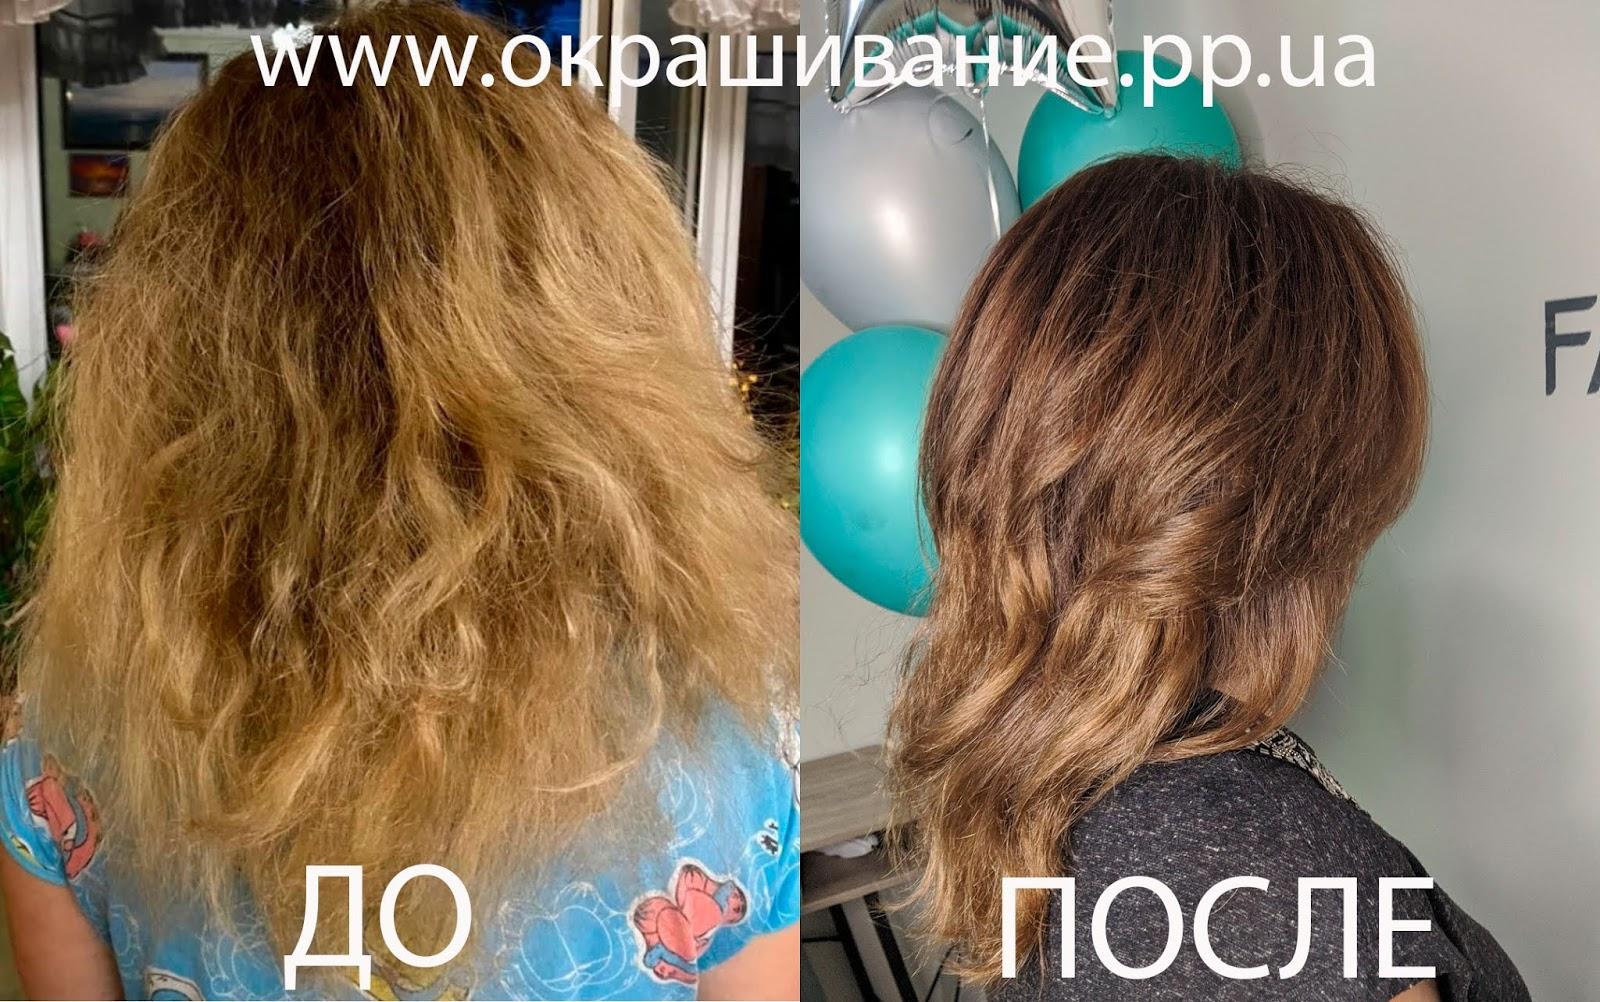 Покраска волос Харьков недорого